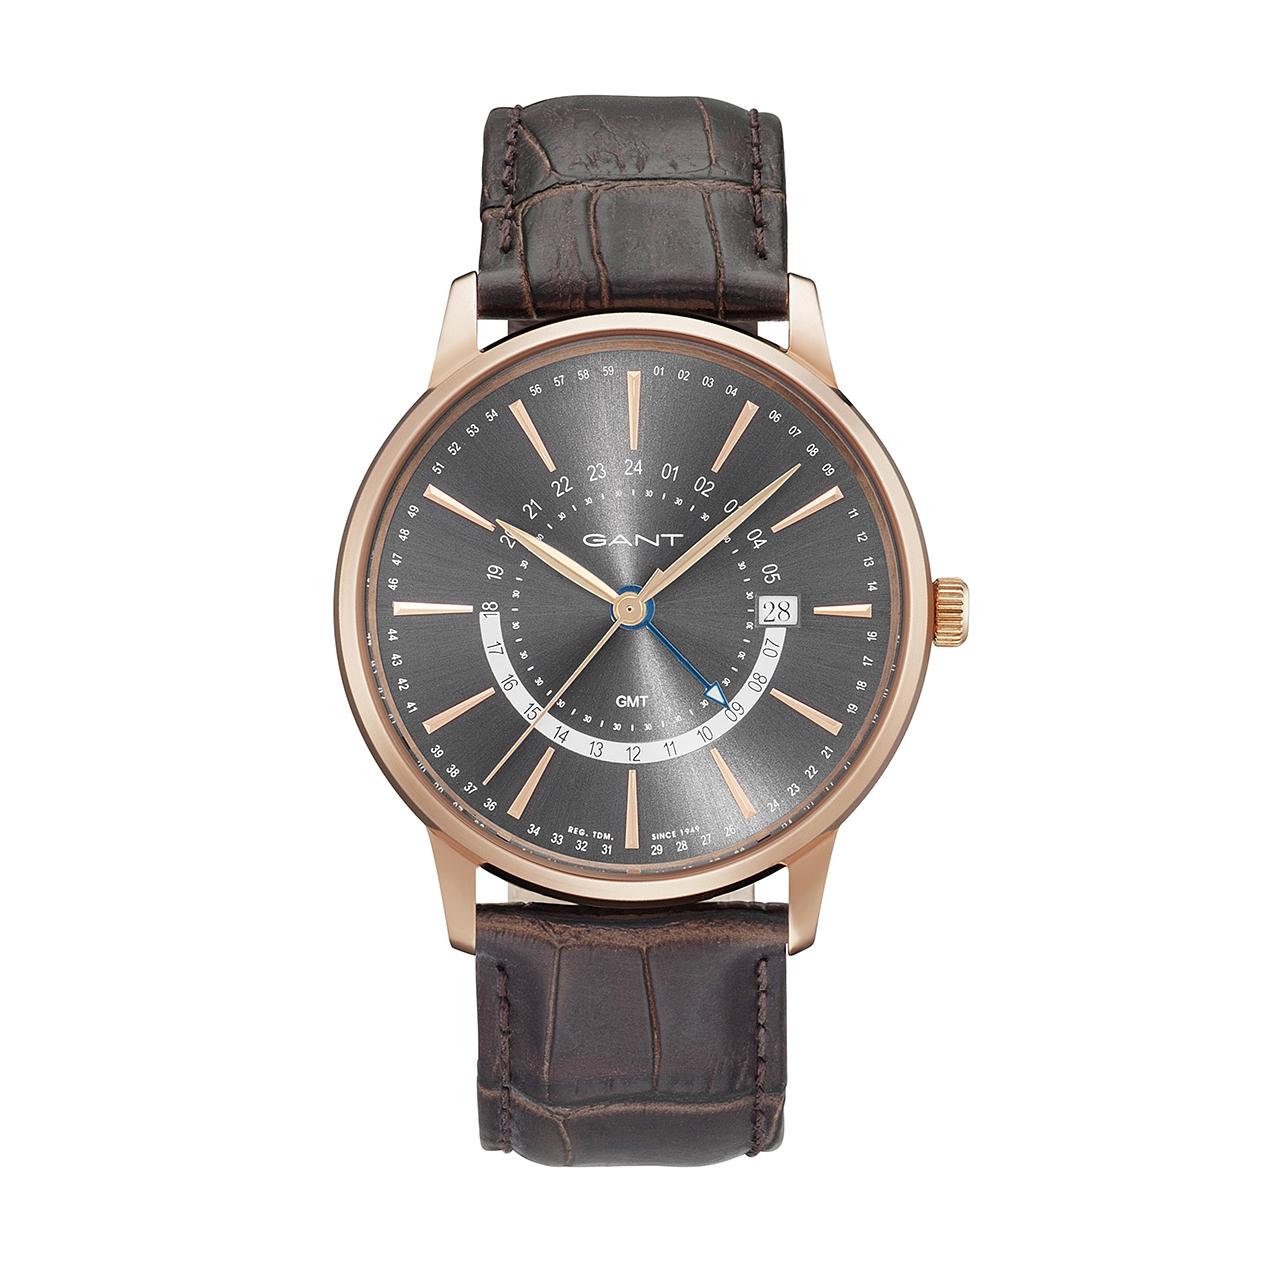 ساعت مچی عقربه ای مردانه گنت مدل GW026004